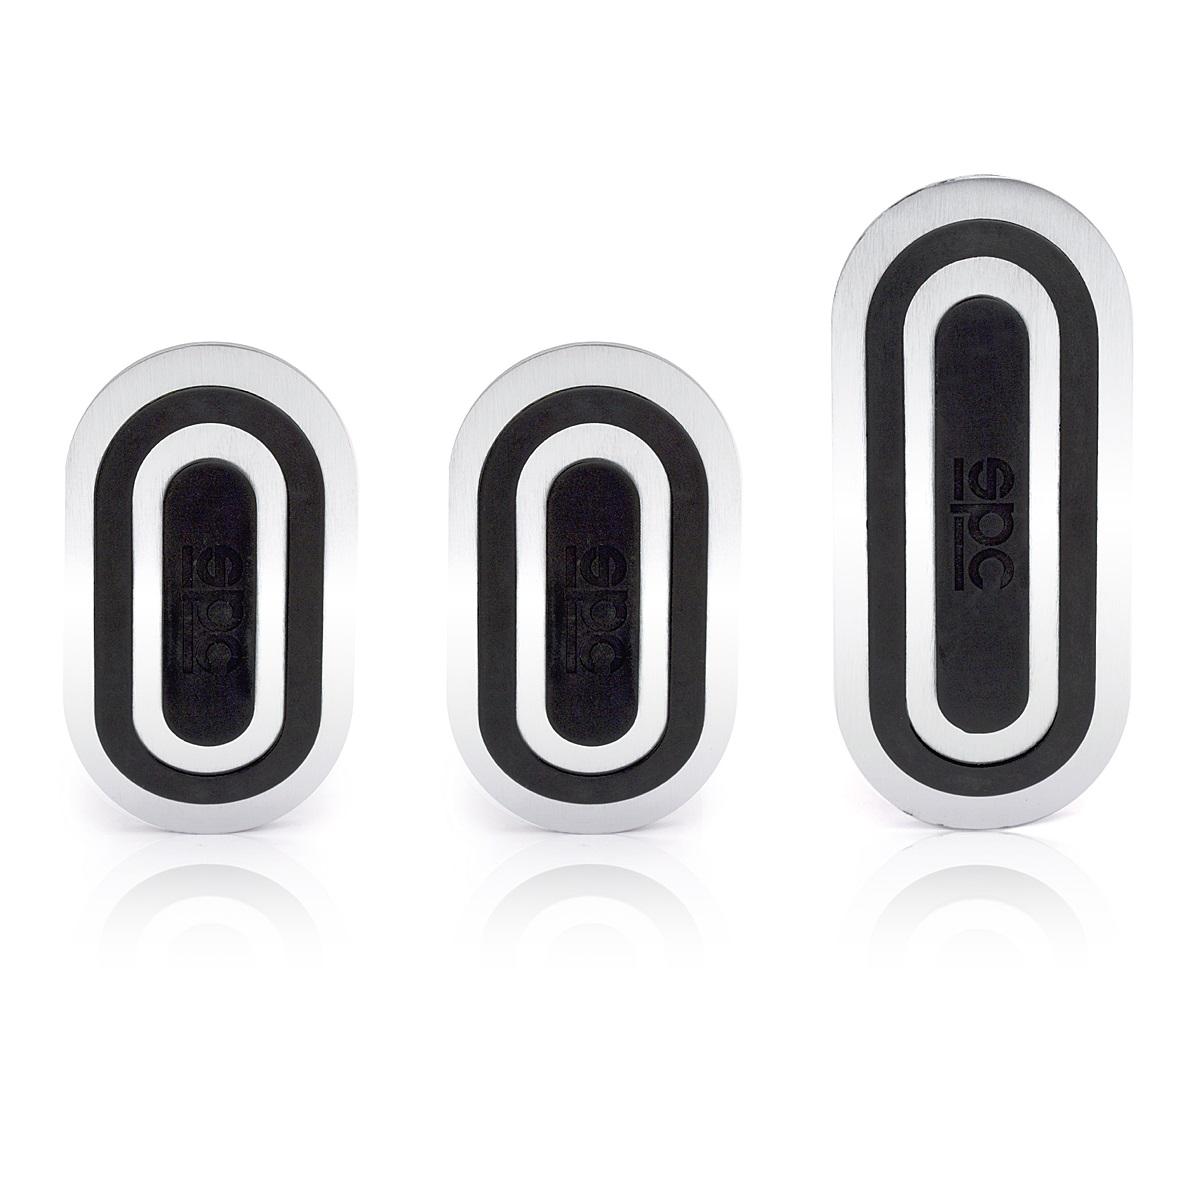 Накладка Sparco Spc/pd-urb al/bk (3) накладки на педали sparco серия urban для мкпп алюм чёрный